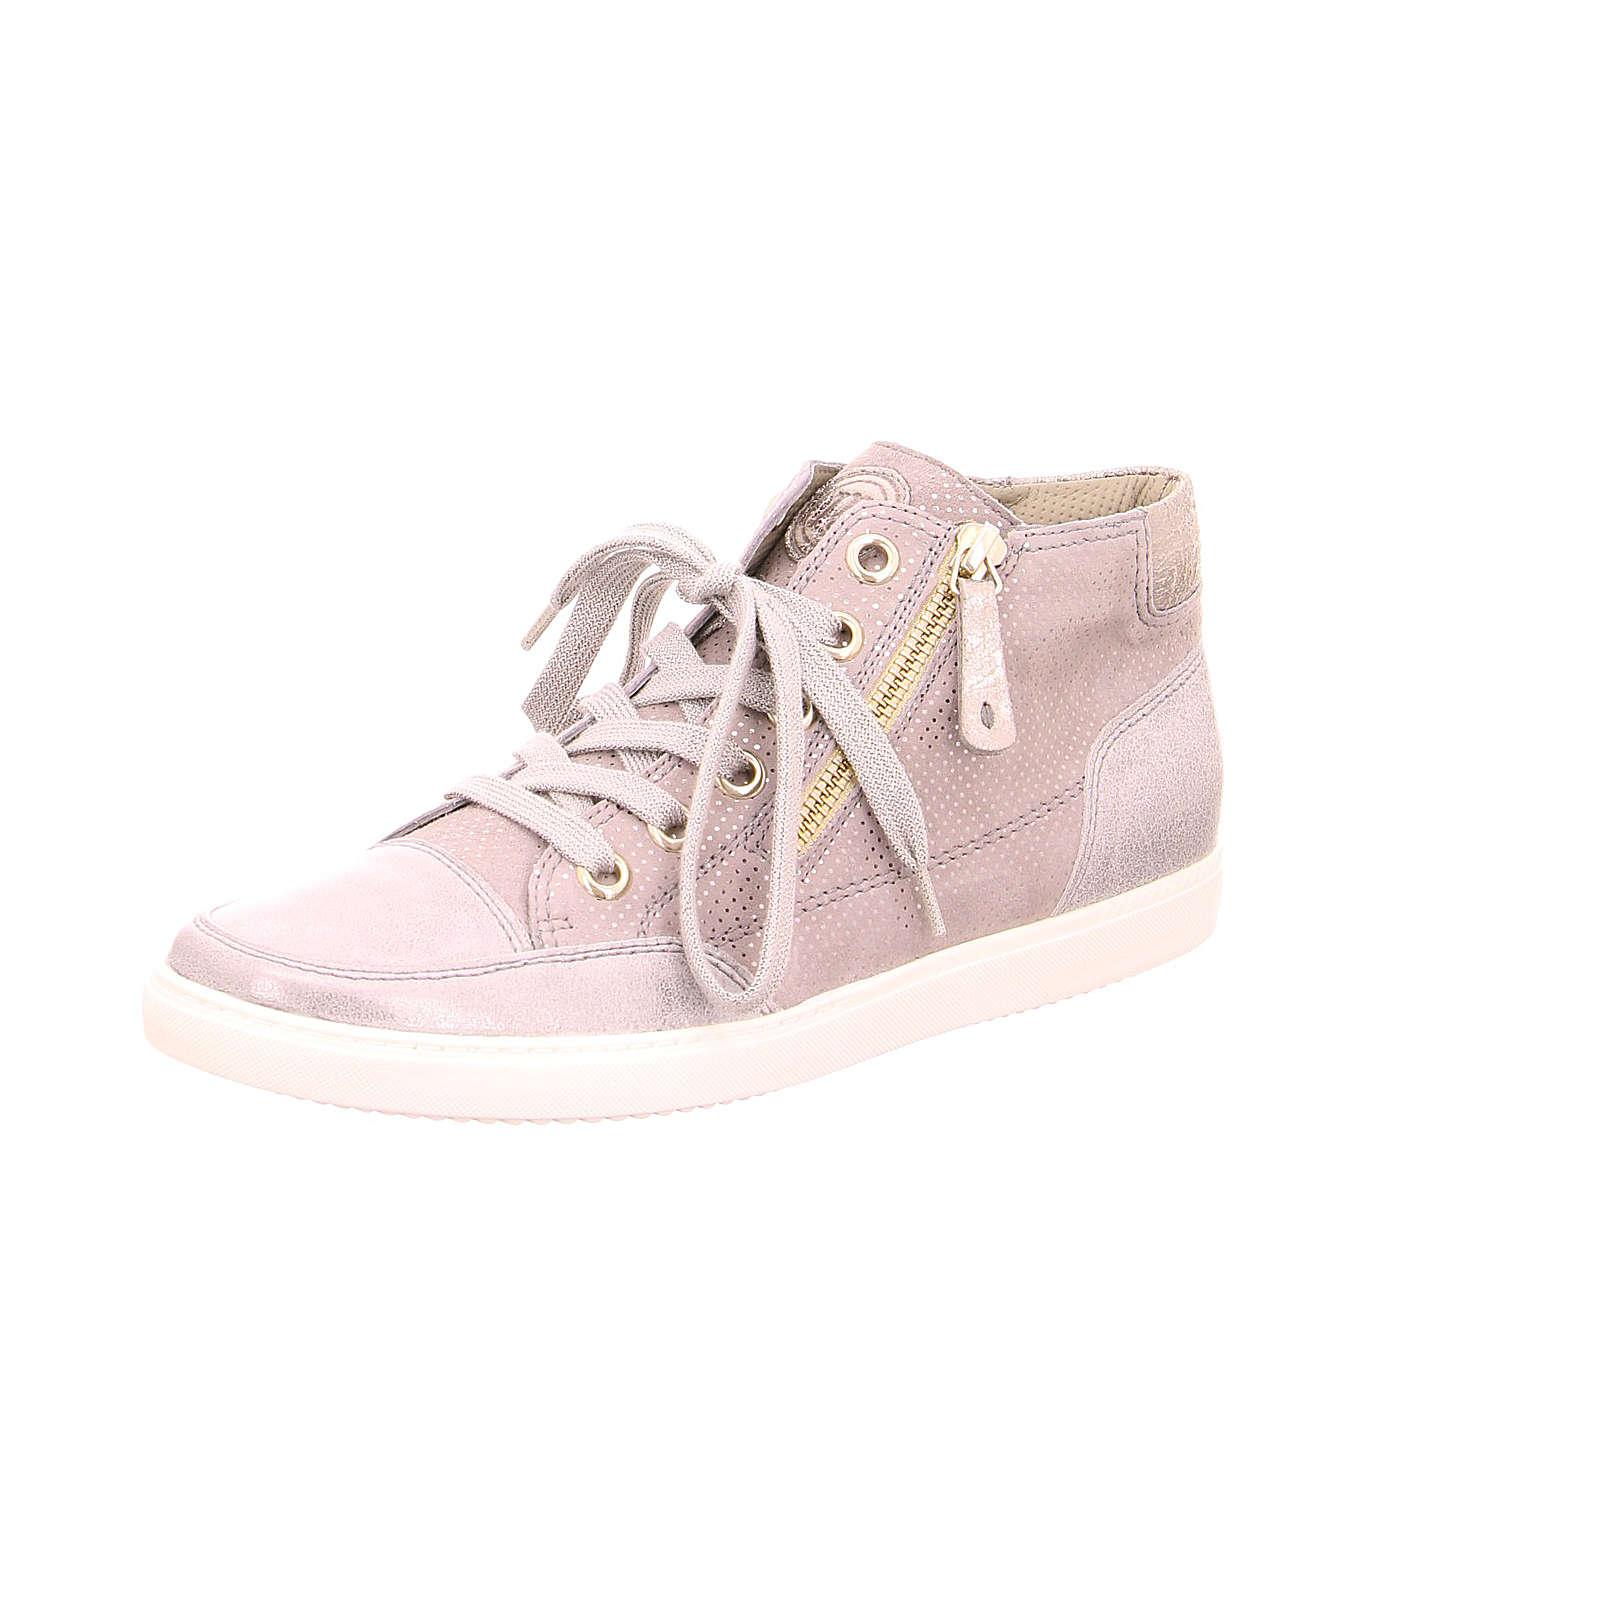 Paul Green Sneaker High rosa Damen Gr. 38,5